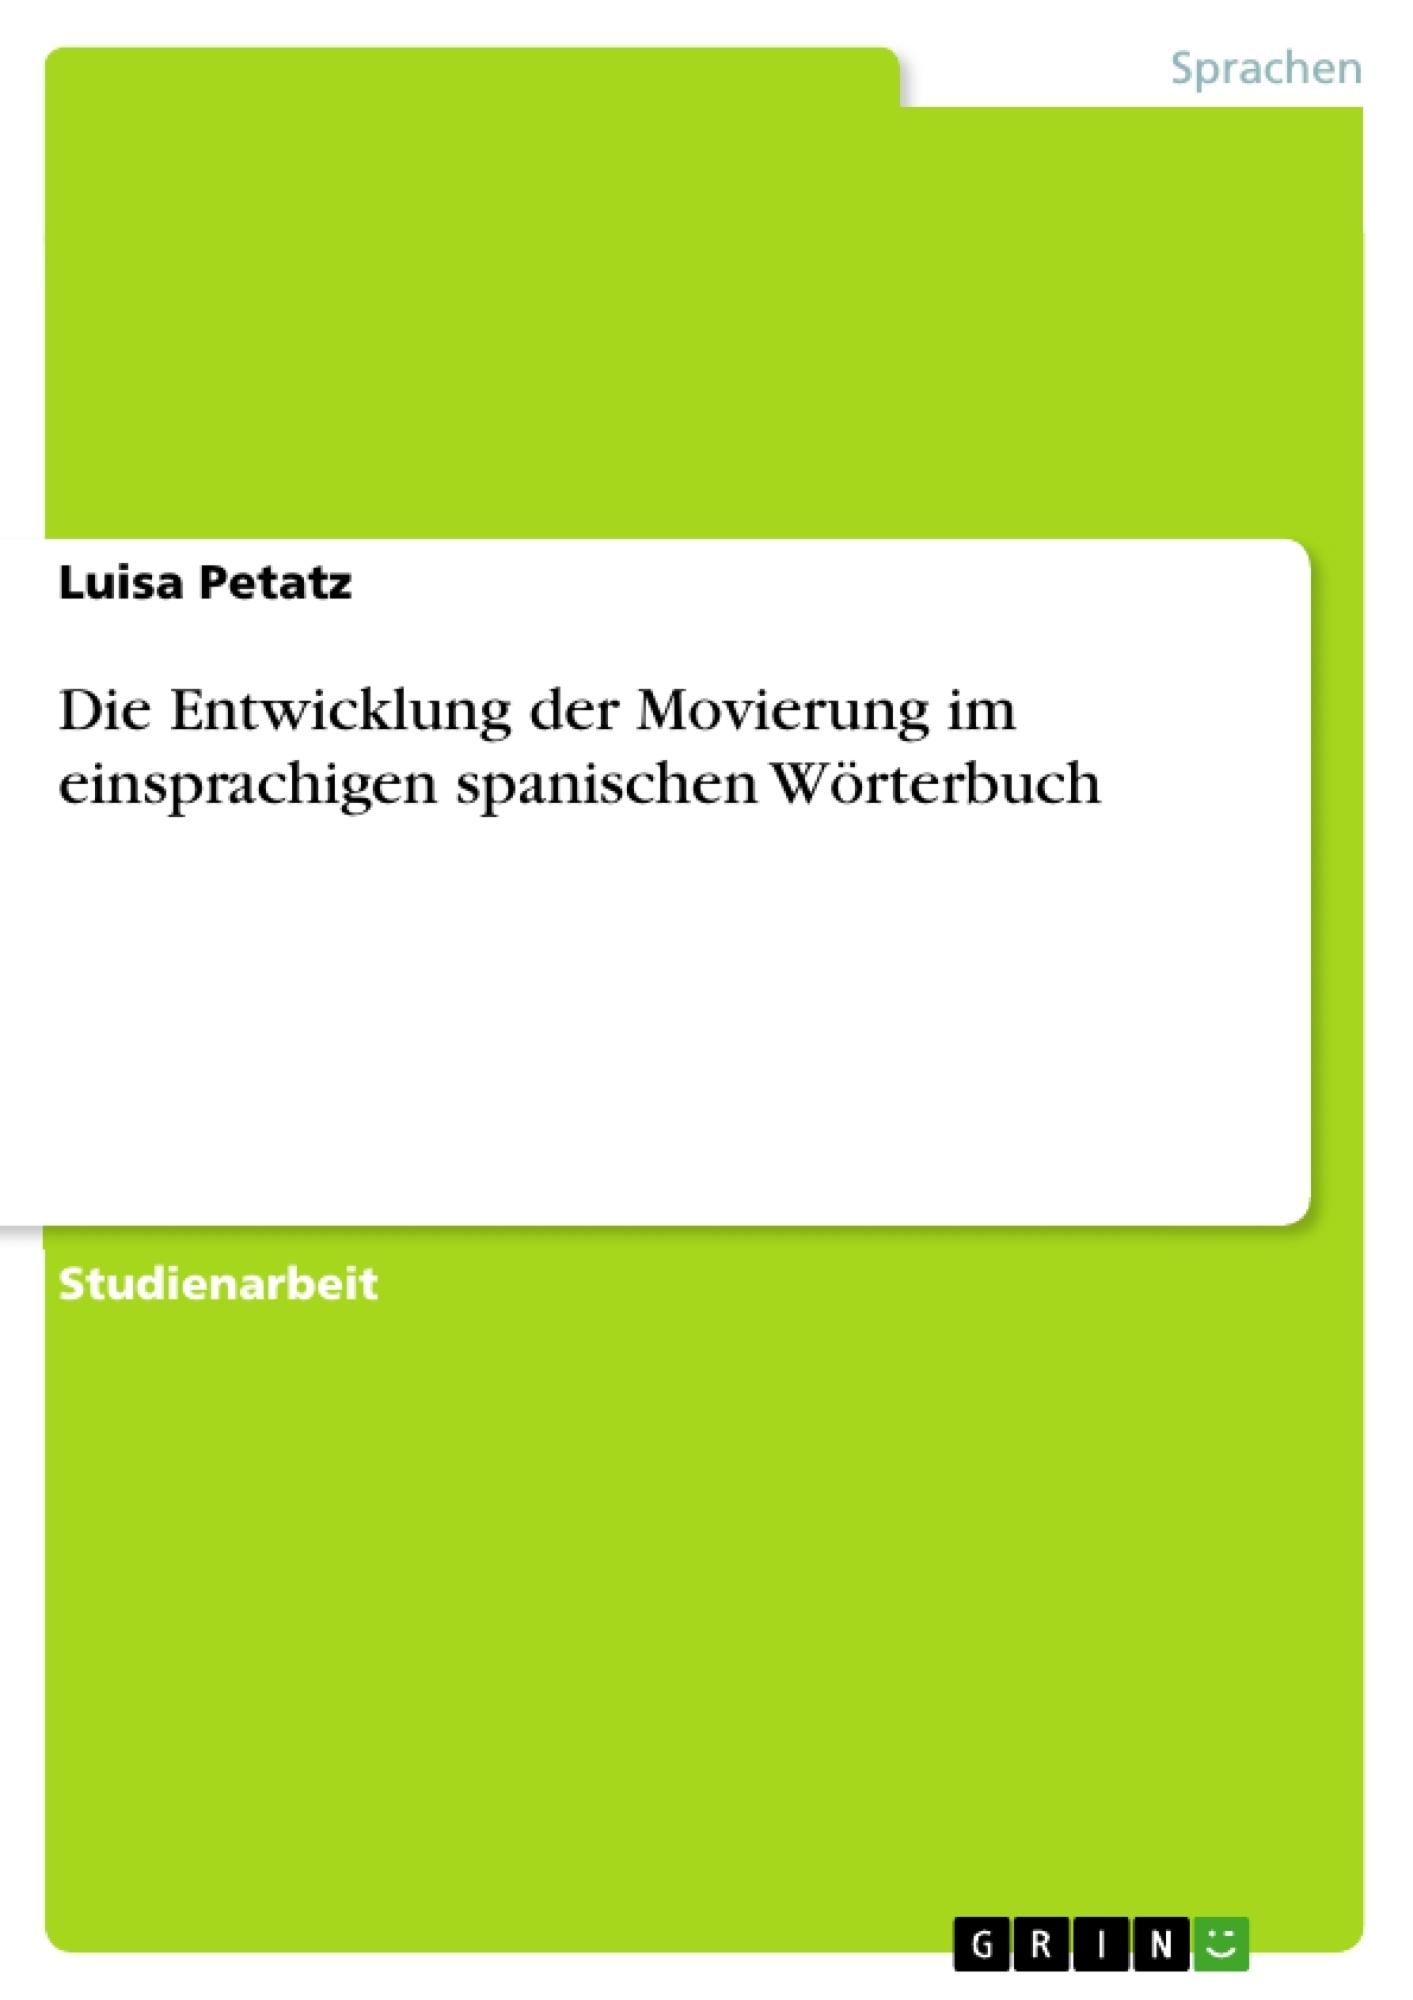 Titel: Die Entwicklung der Movierung im einsprachigen spanischen Wörterbuch